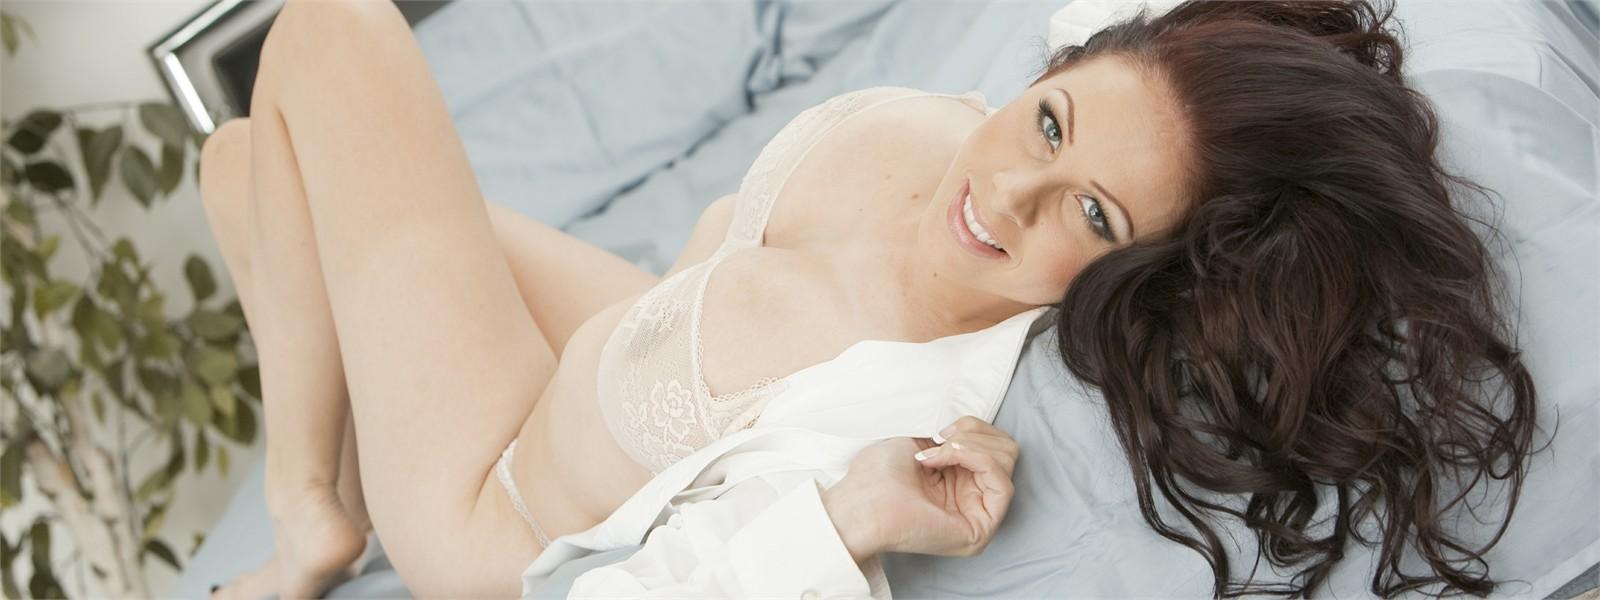 Gianna Michaels Hero Image